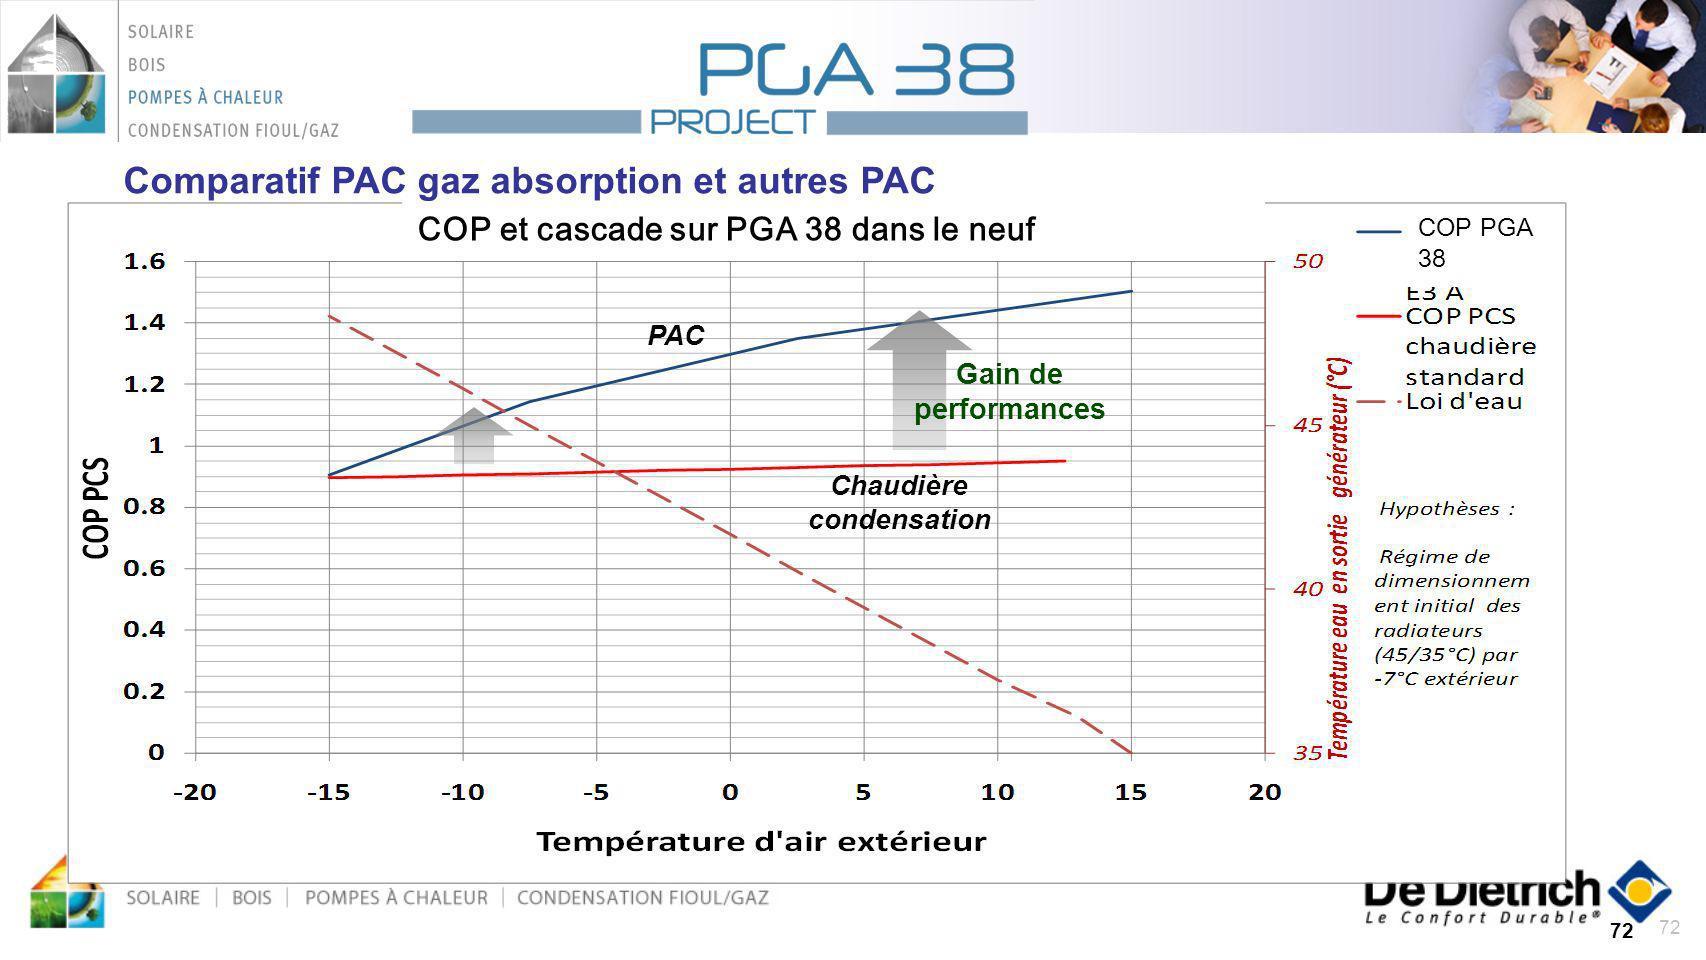 72 PAC Chaudière condensation Gain de performances COP PGA 38 COP et cascade sur PGA 38 dans le neuf Comparatif PAC gaz absorption et autres PAC